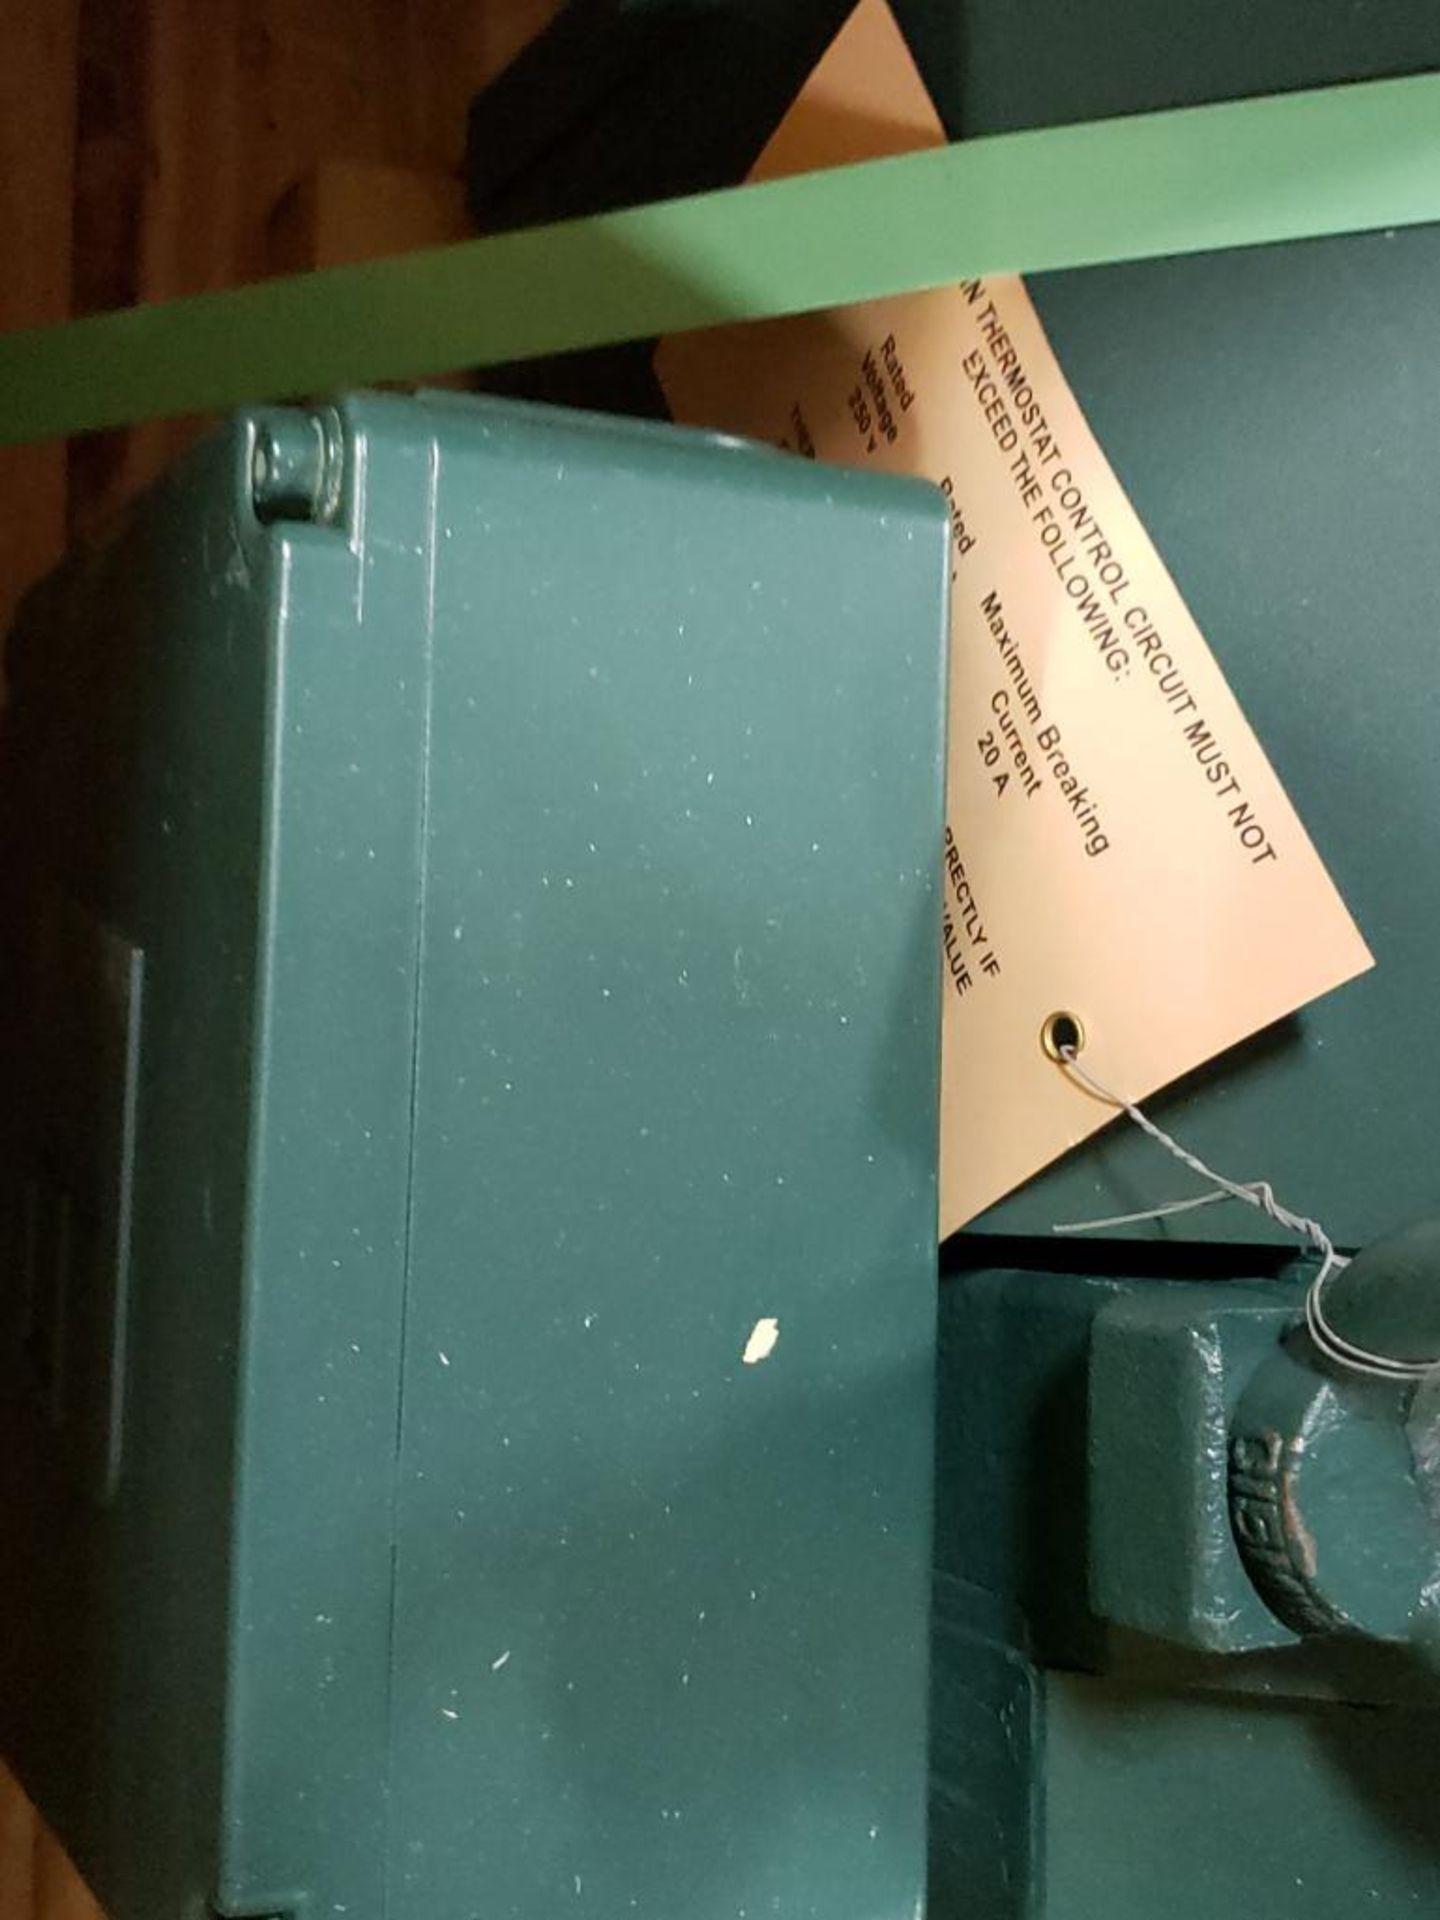 30kW Siemens 3PH Motor. 6949816-001-MHT2. 280V, 3550RM, RL2570Z-Frame. - Image 6 of 7